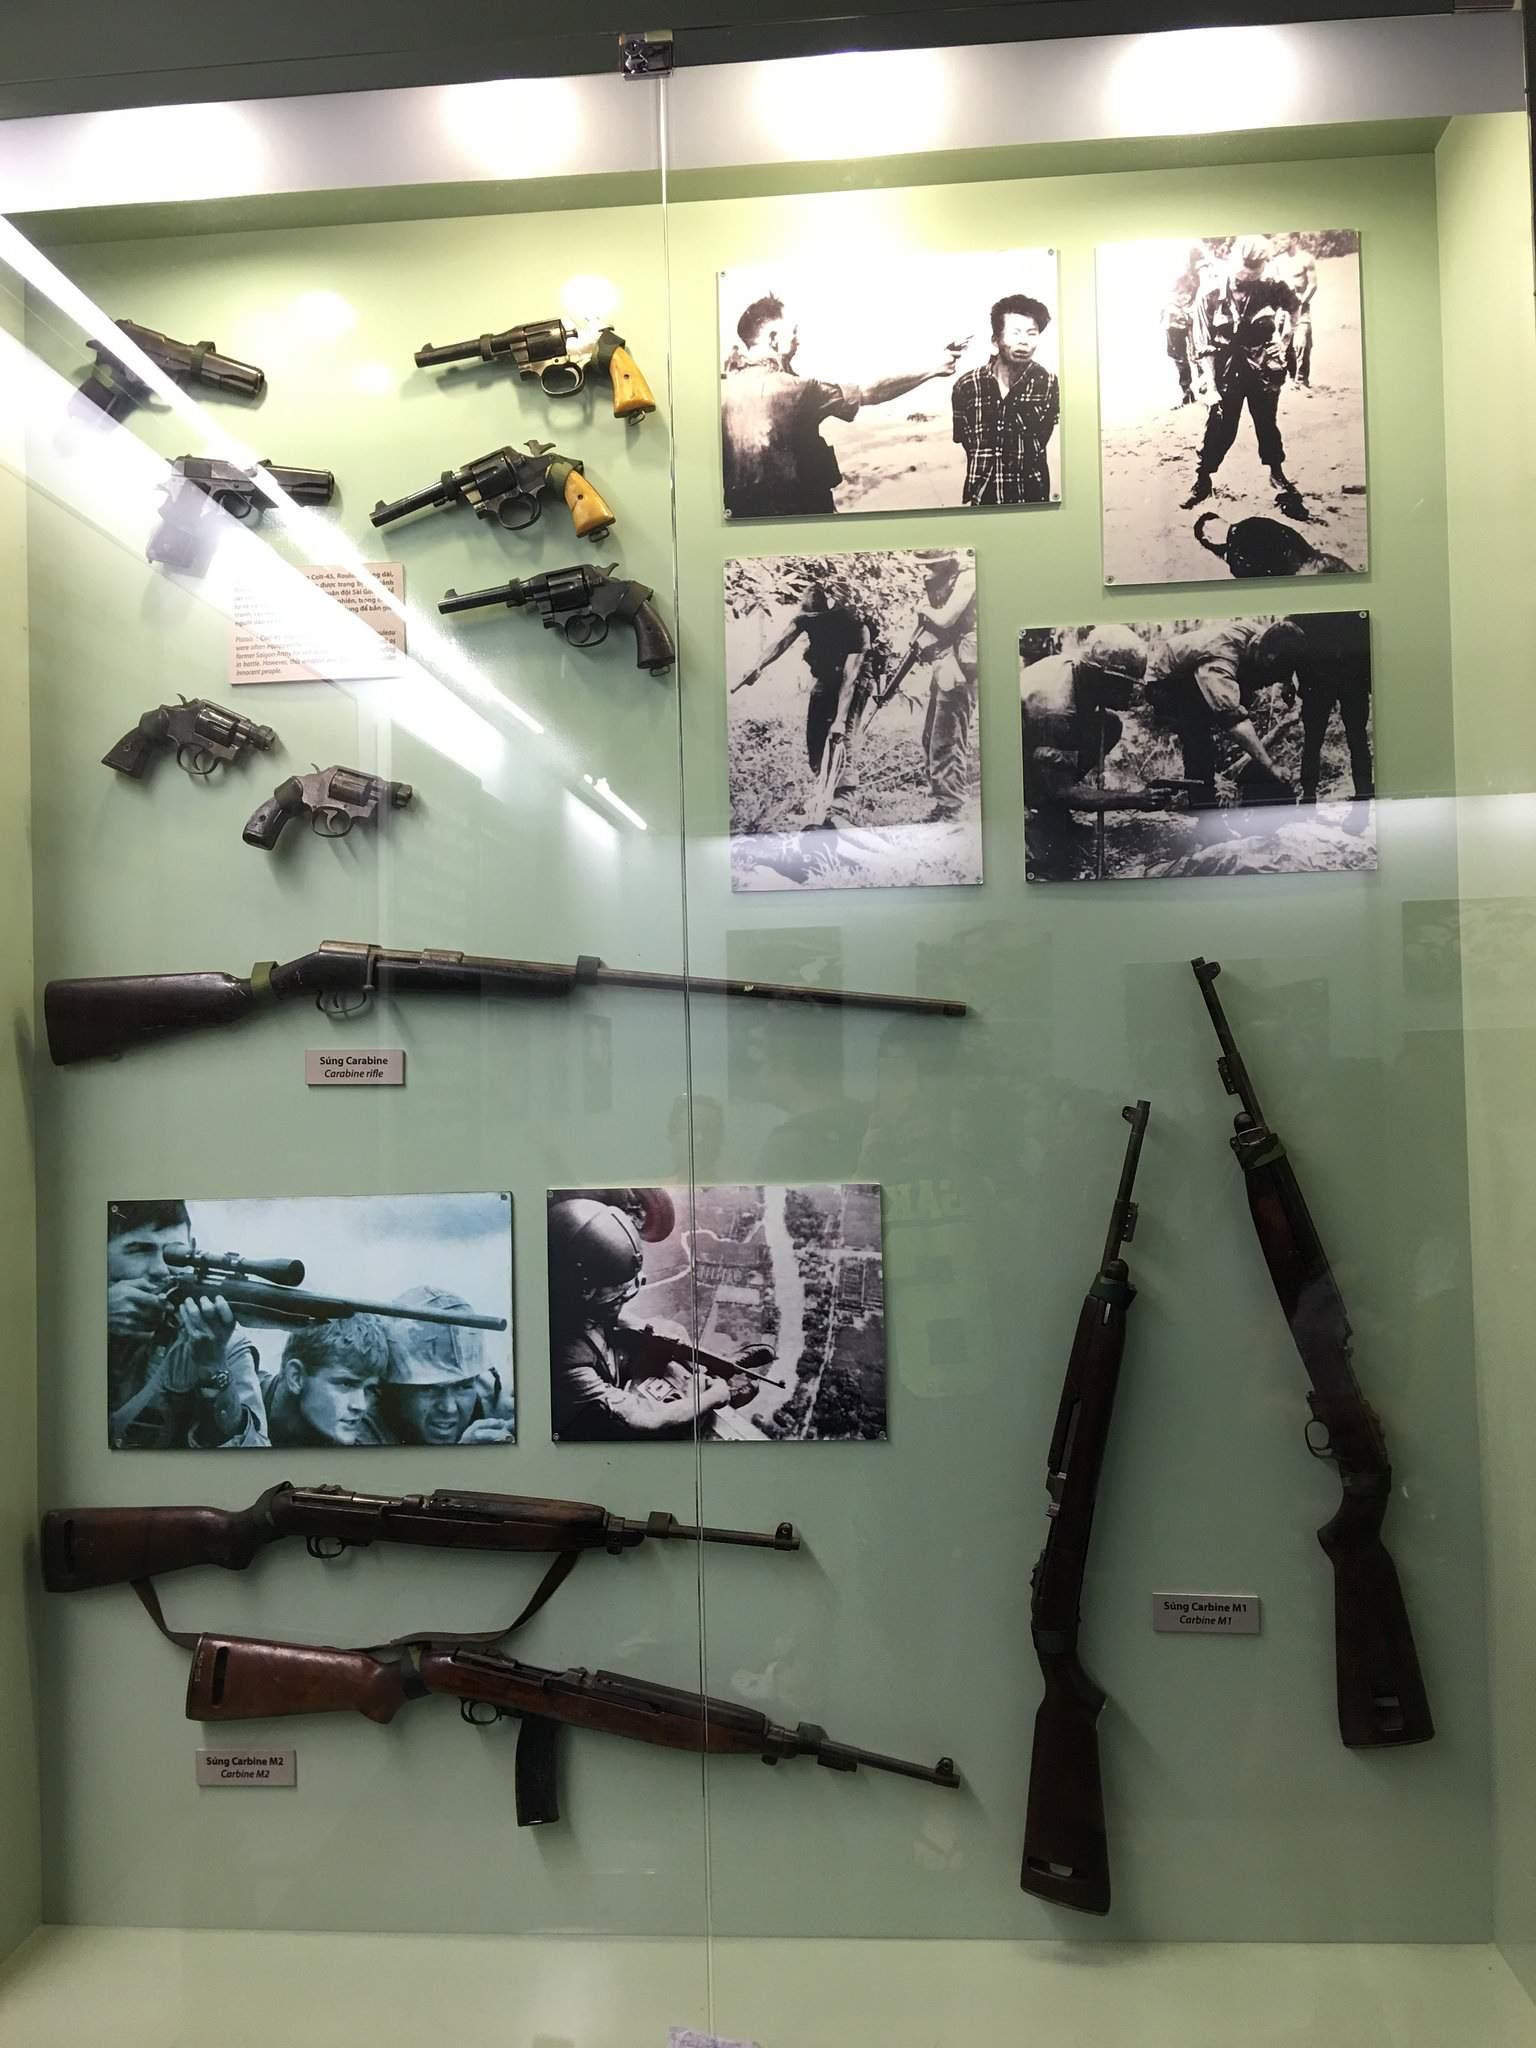 war remnants museum9 War Remnants Museum in Ho Chi Minh City, Vietnam